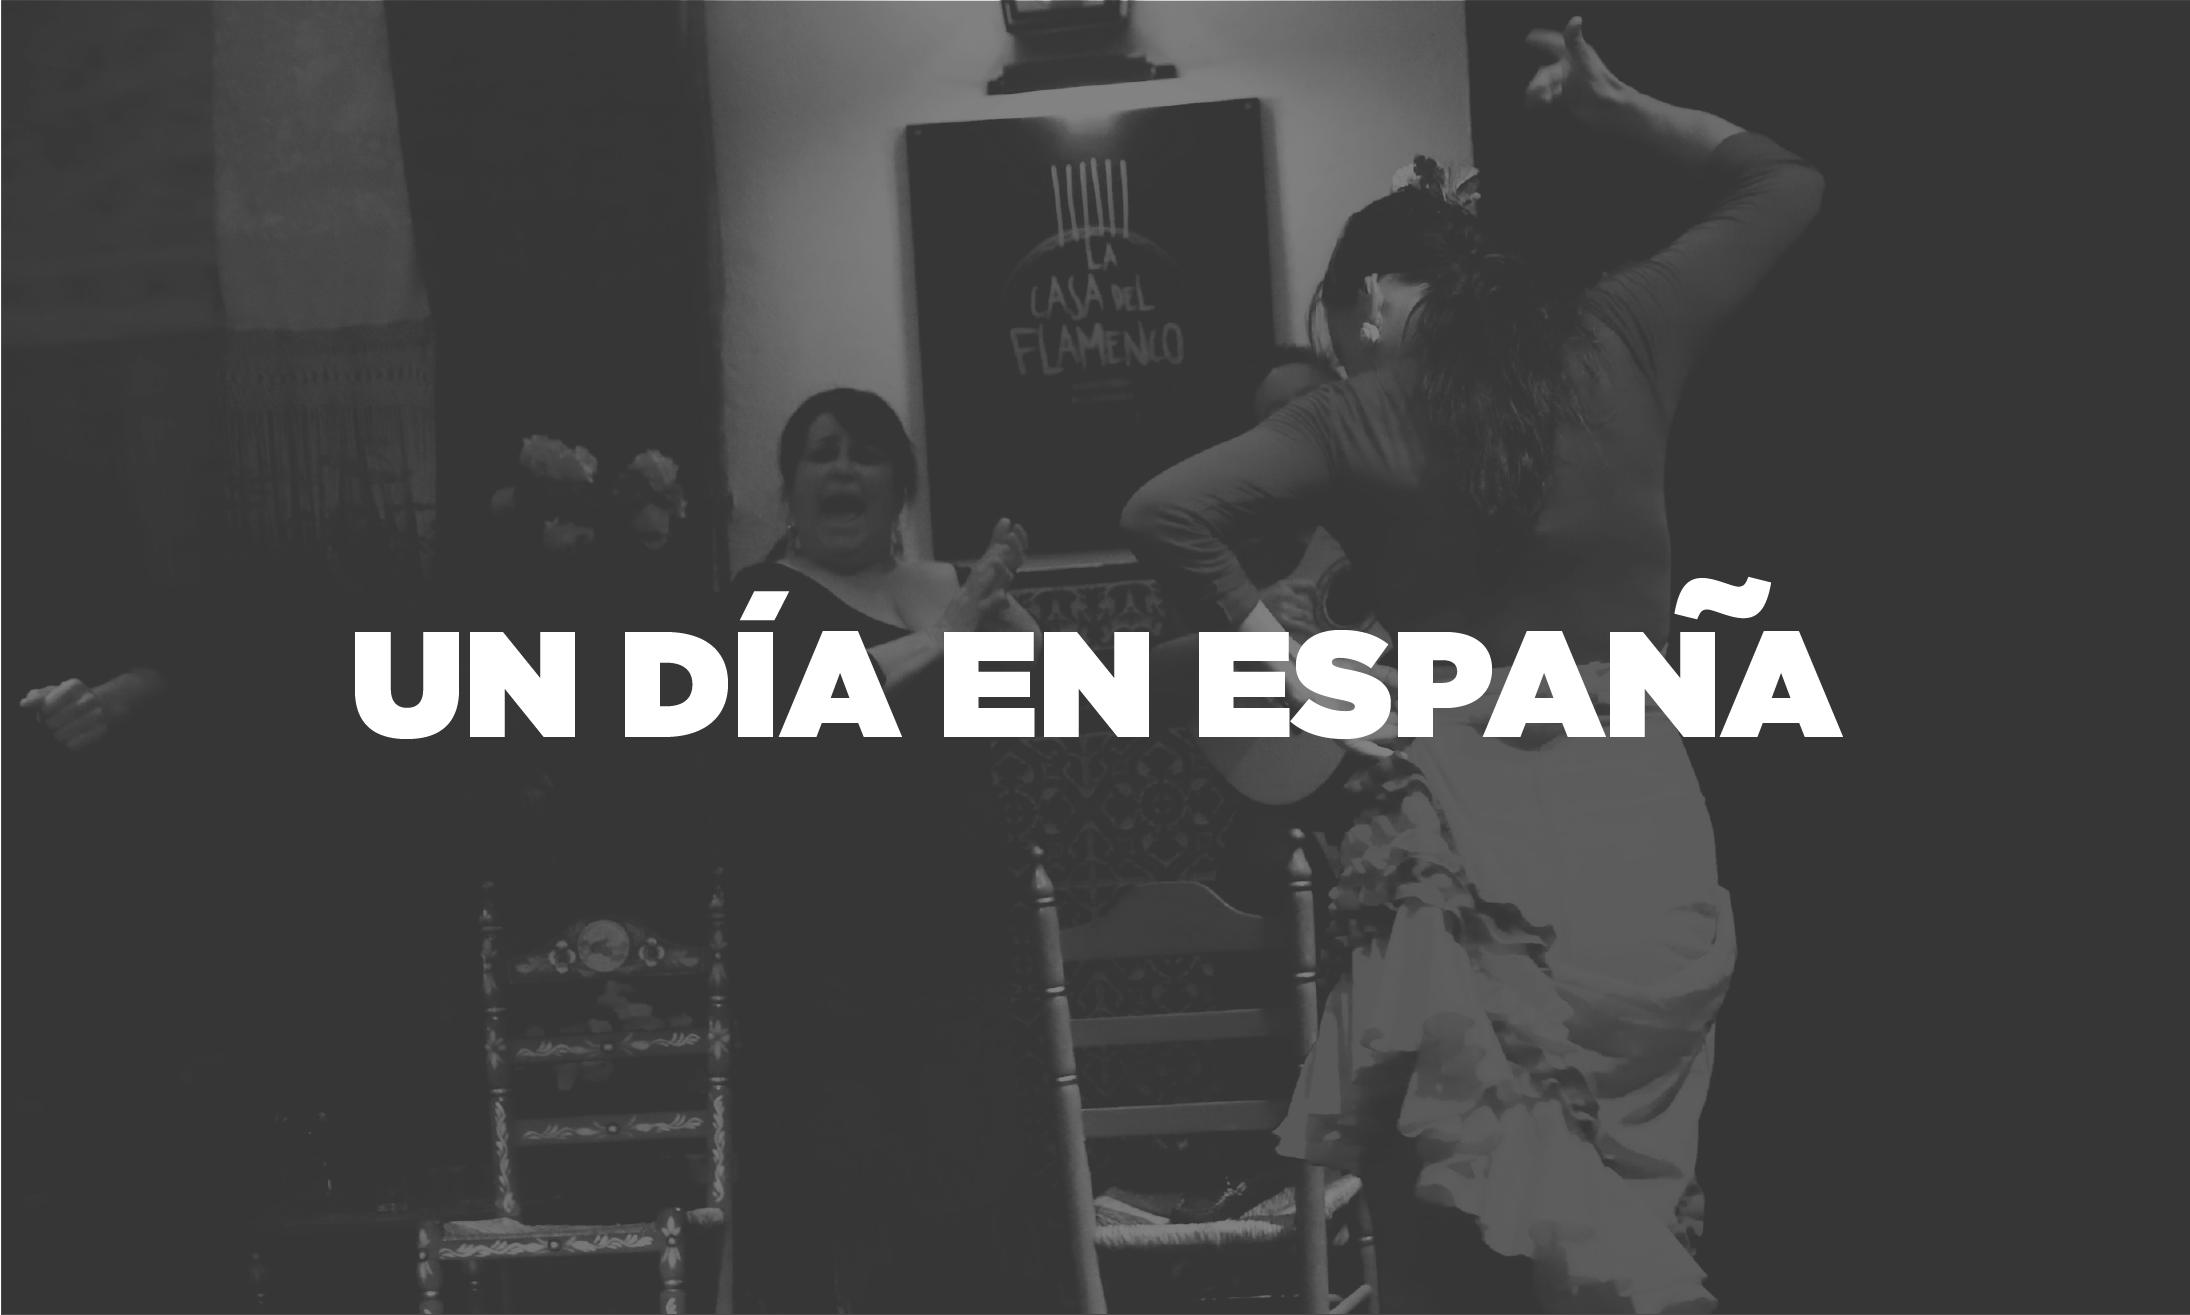 Un Dia En Espana